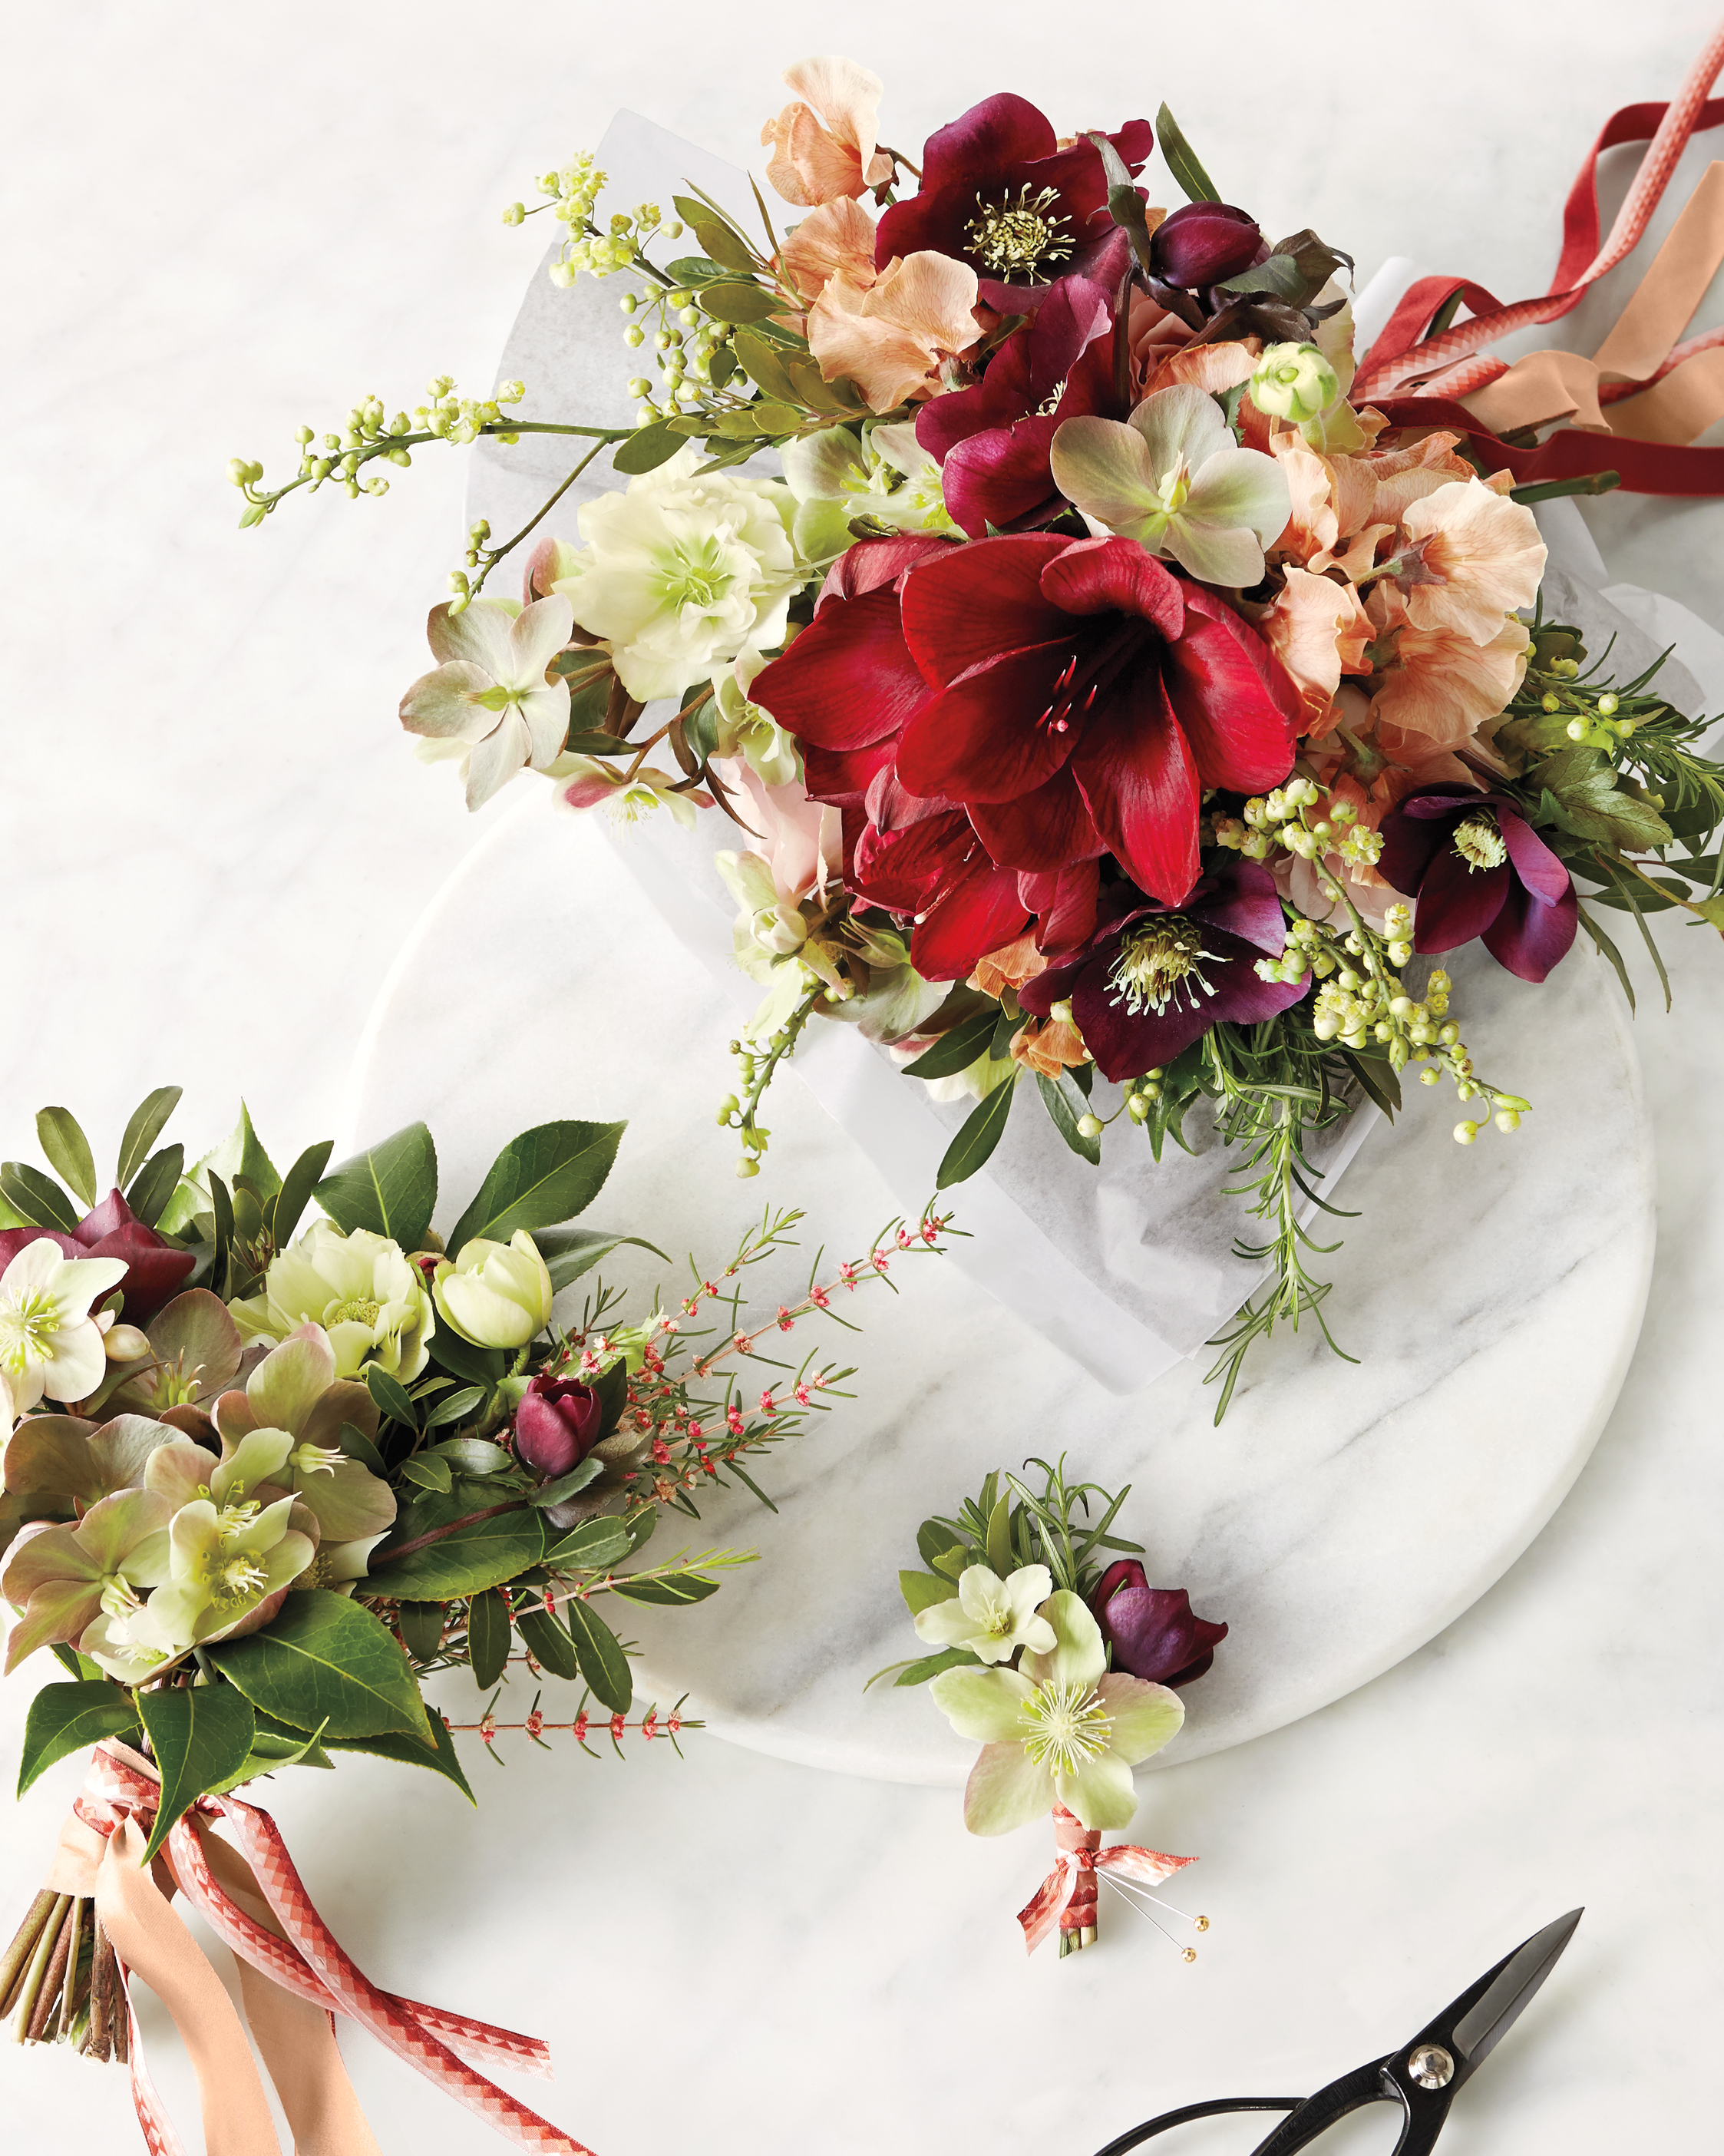 bridal-bouquet-nosegay-flowers-03-d111996.jpg